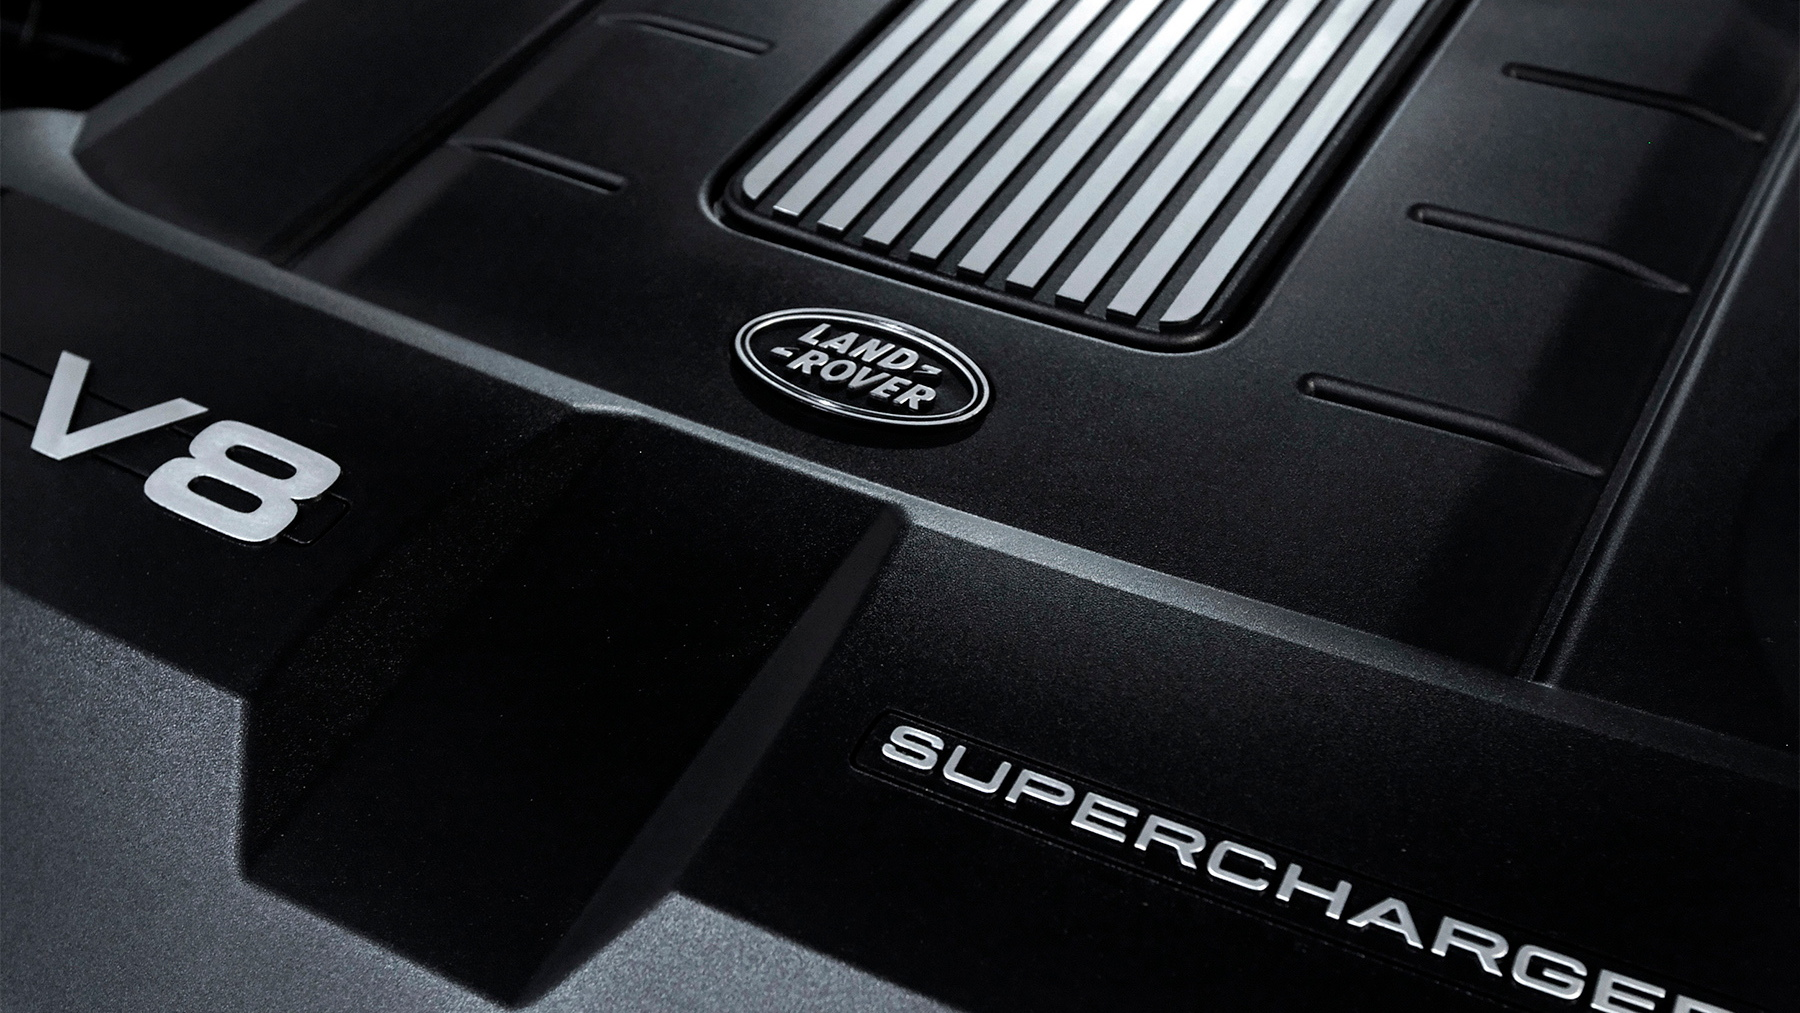 lr v8 5.0 supercharged 129